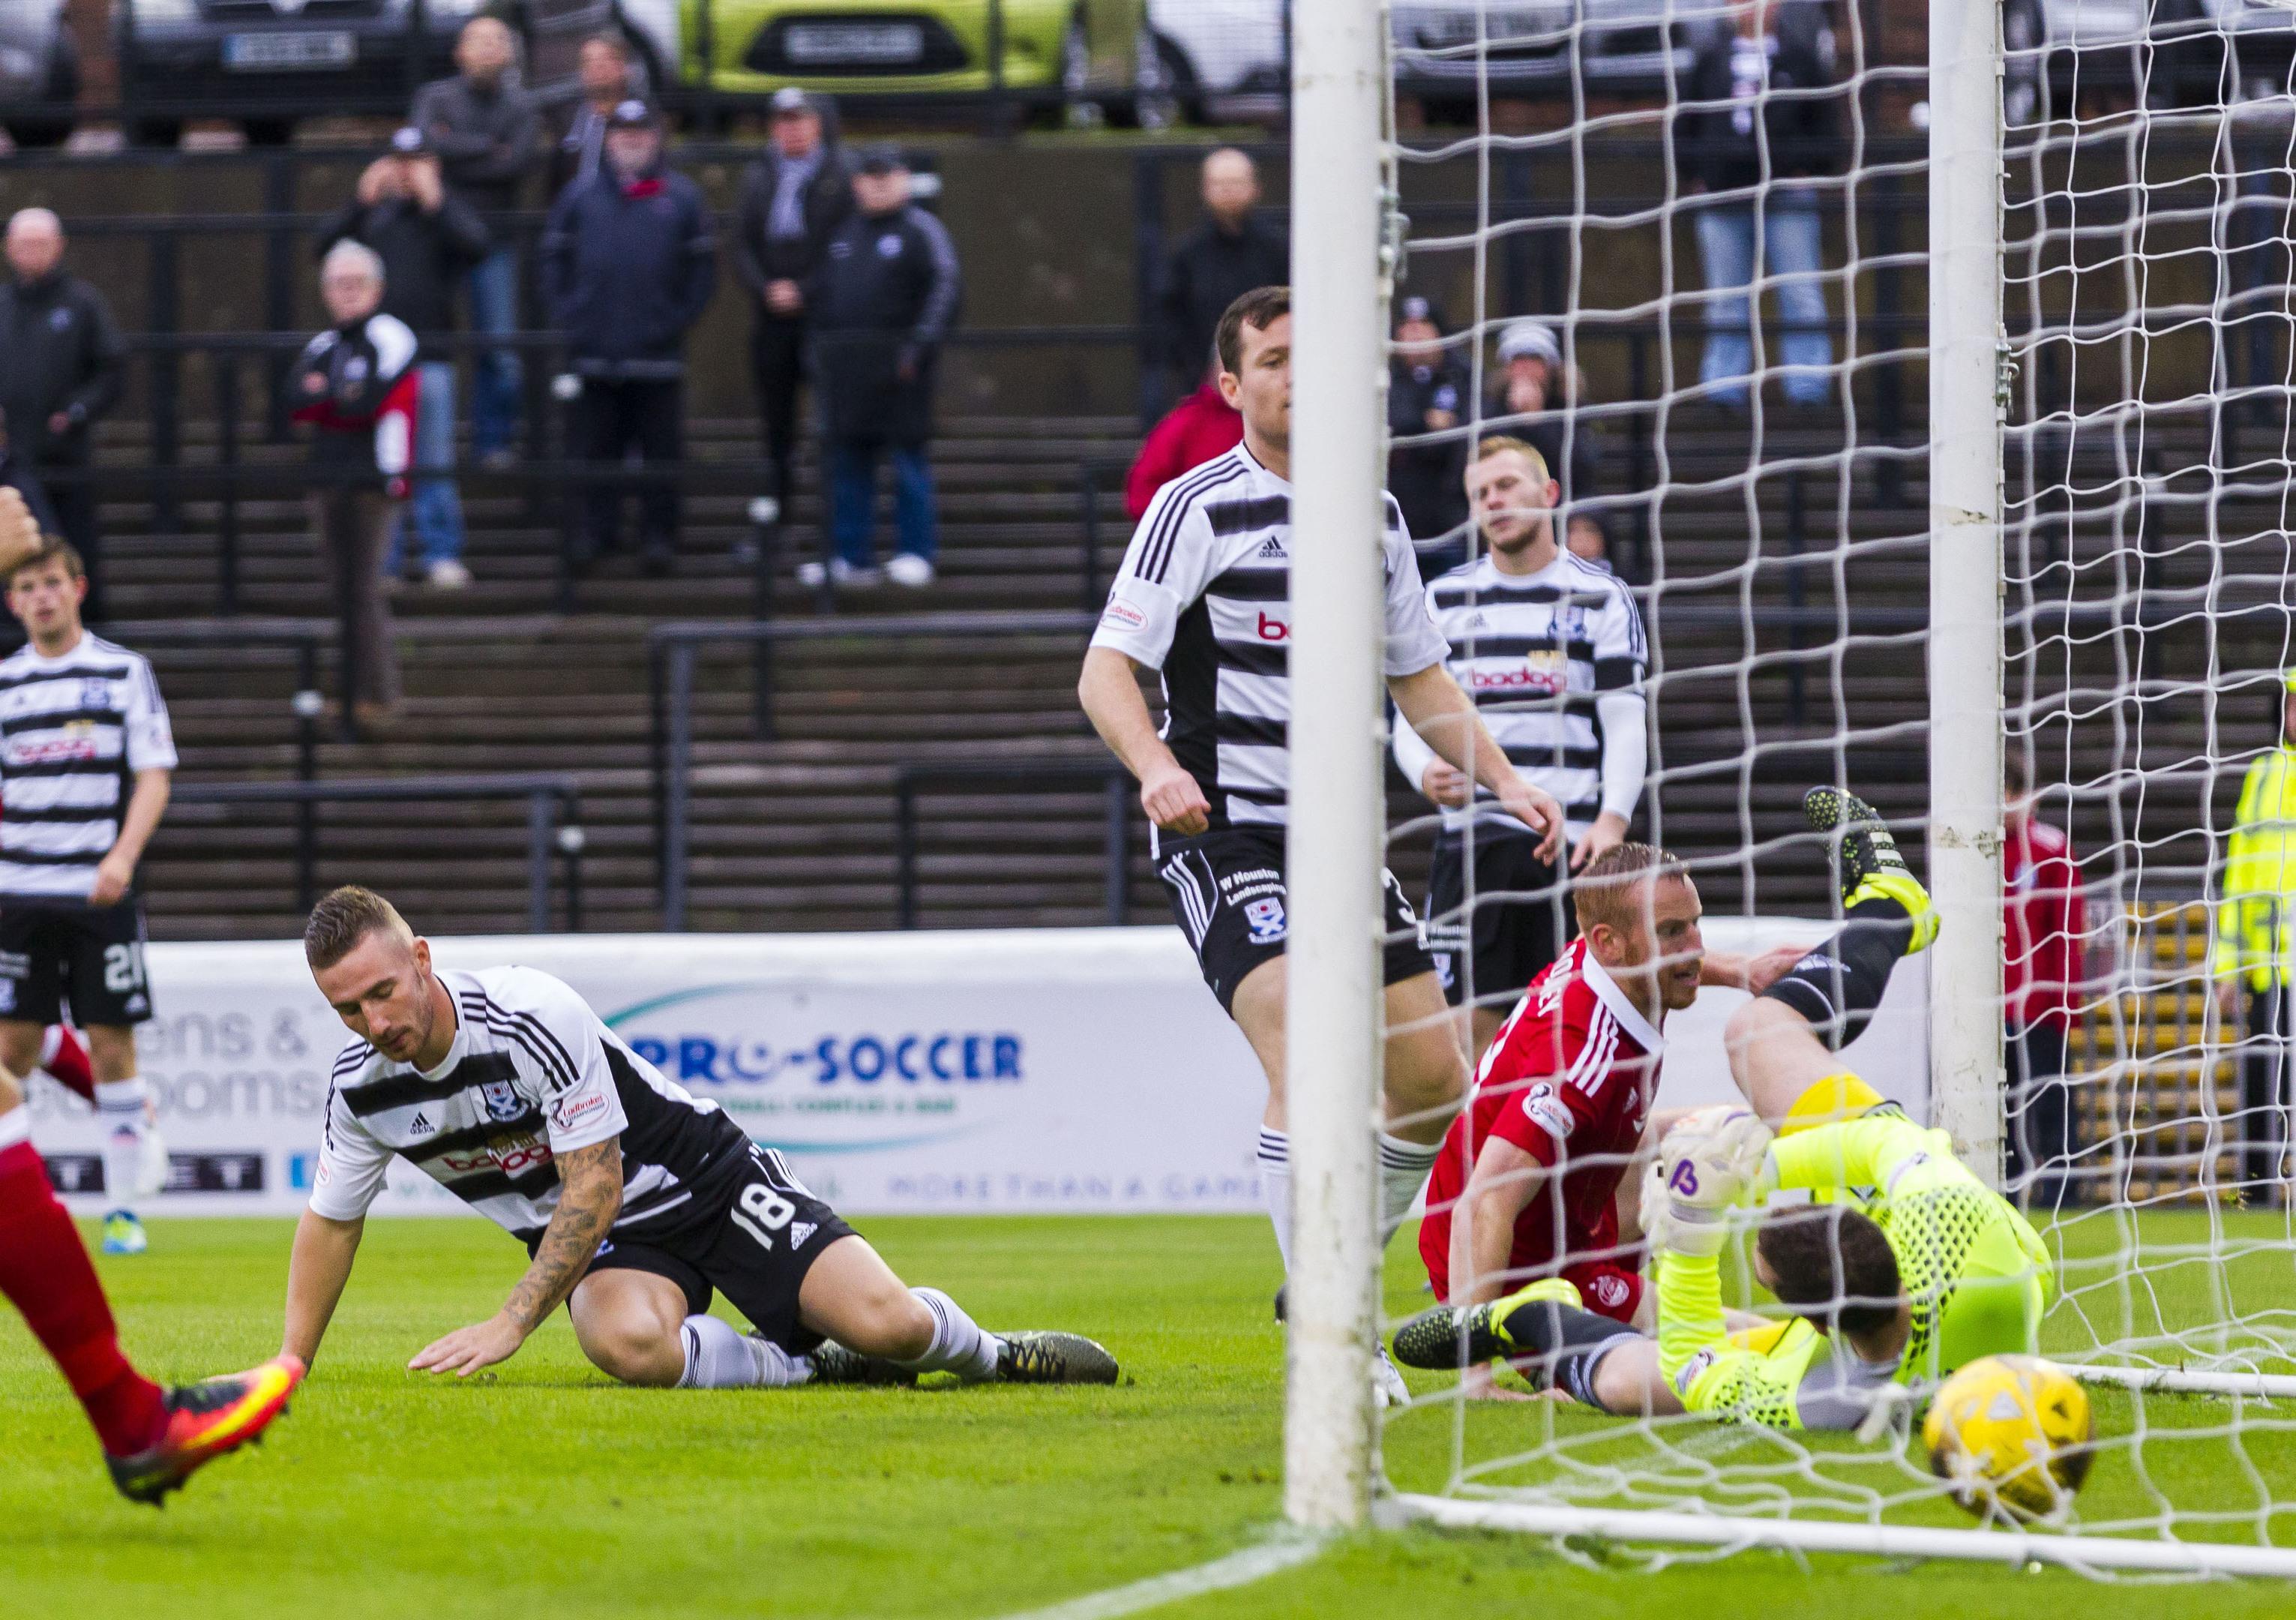 Ayr's Daryll Meggatt scores an own goal putting Aberdeen into the lead.